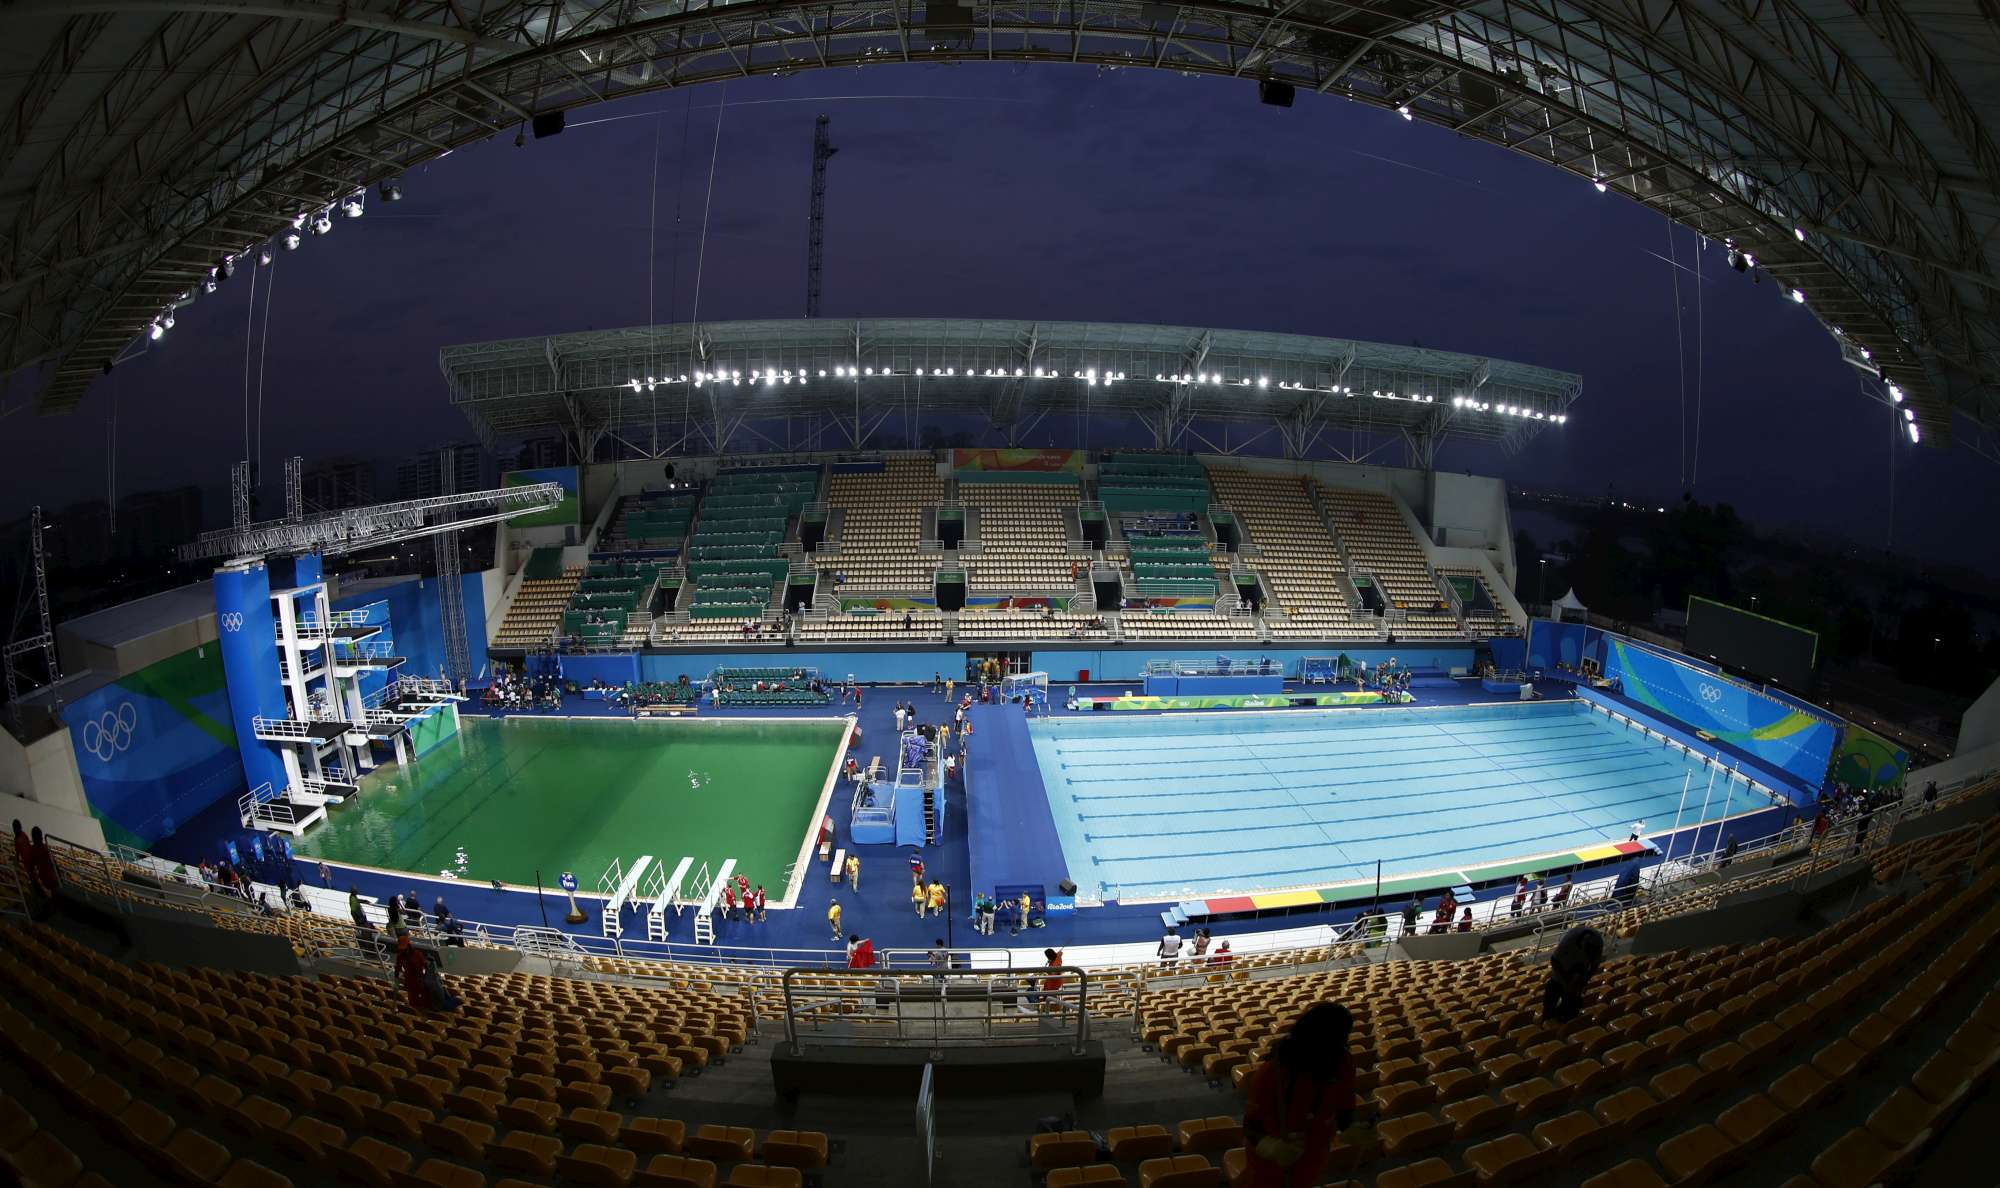 Rio, l'acqua della piscina dei tuffi è verde